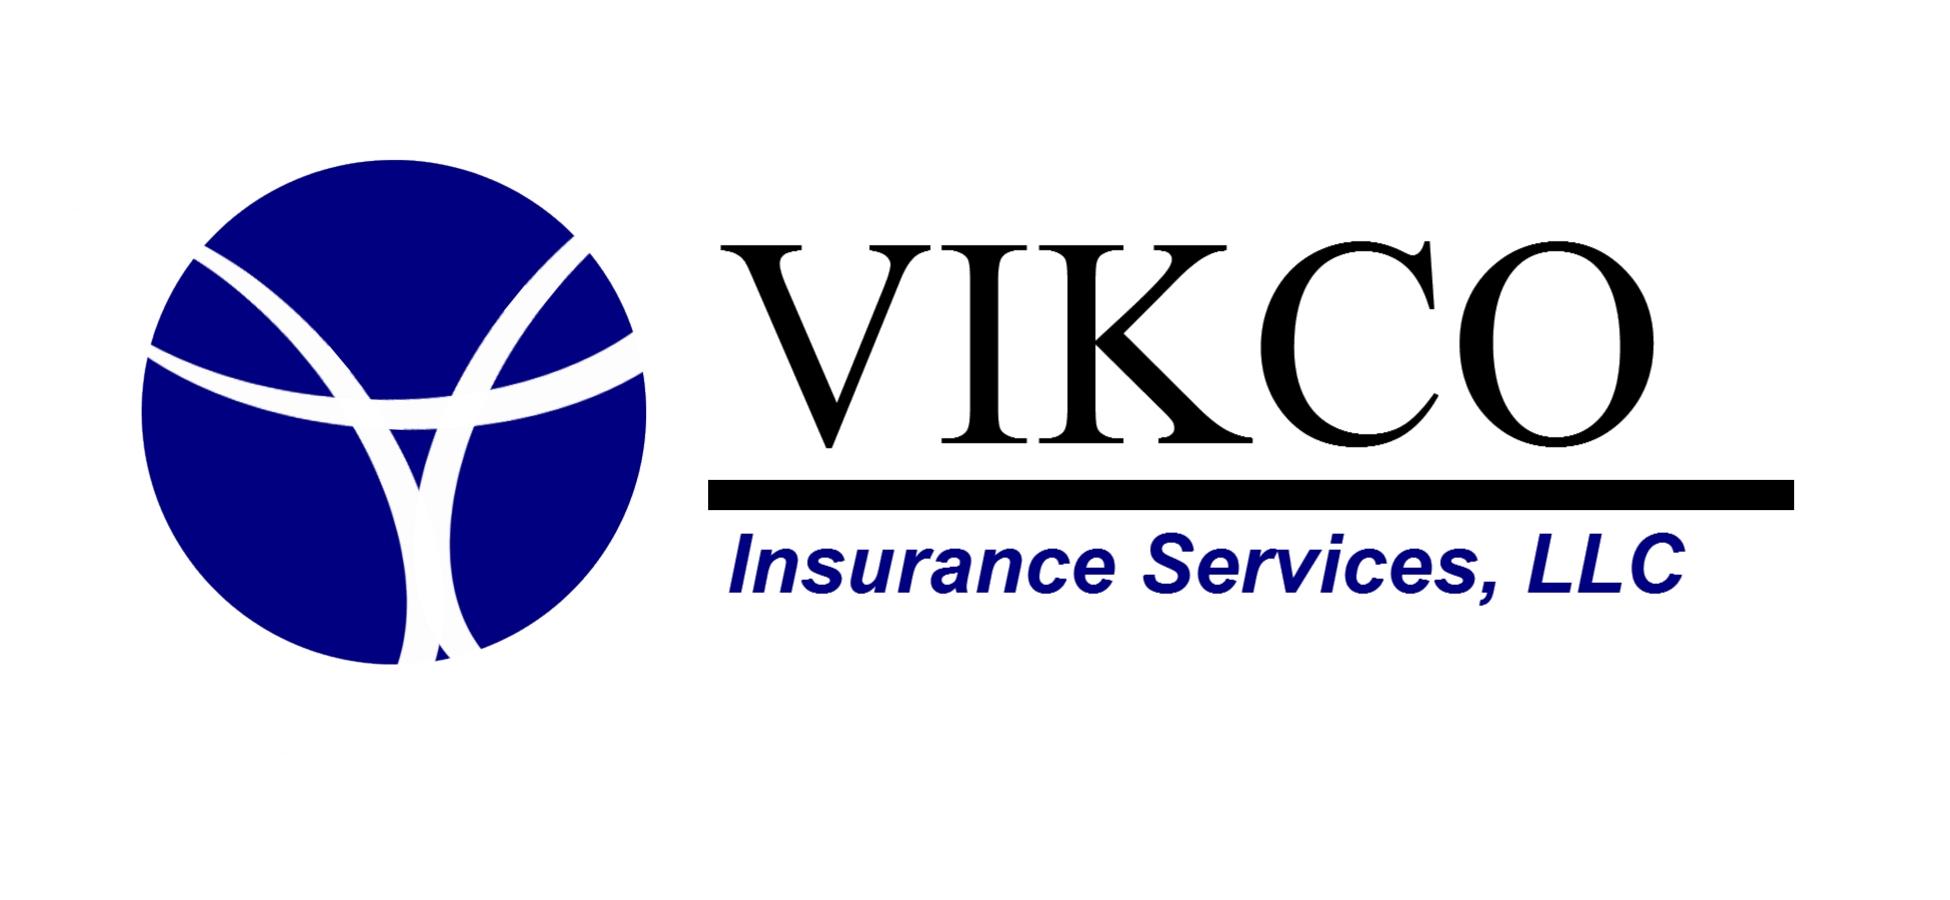 Vikco Circle LLC